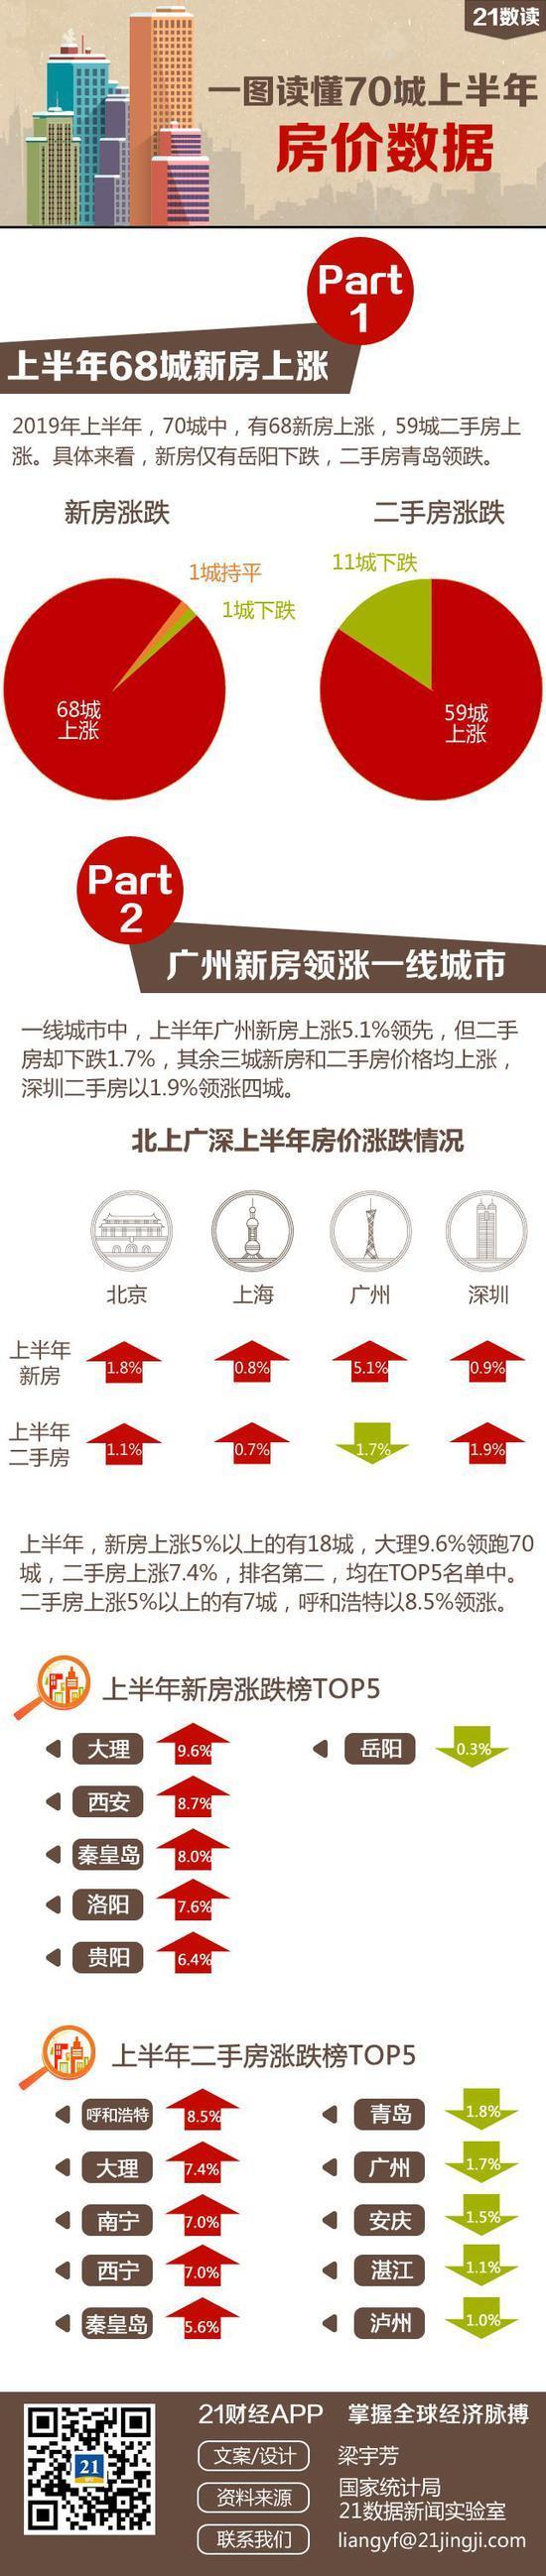 上半年70城房价排行榜出炉:新房仅1城下跌,你家房子是涨还是跌?